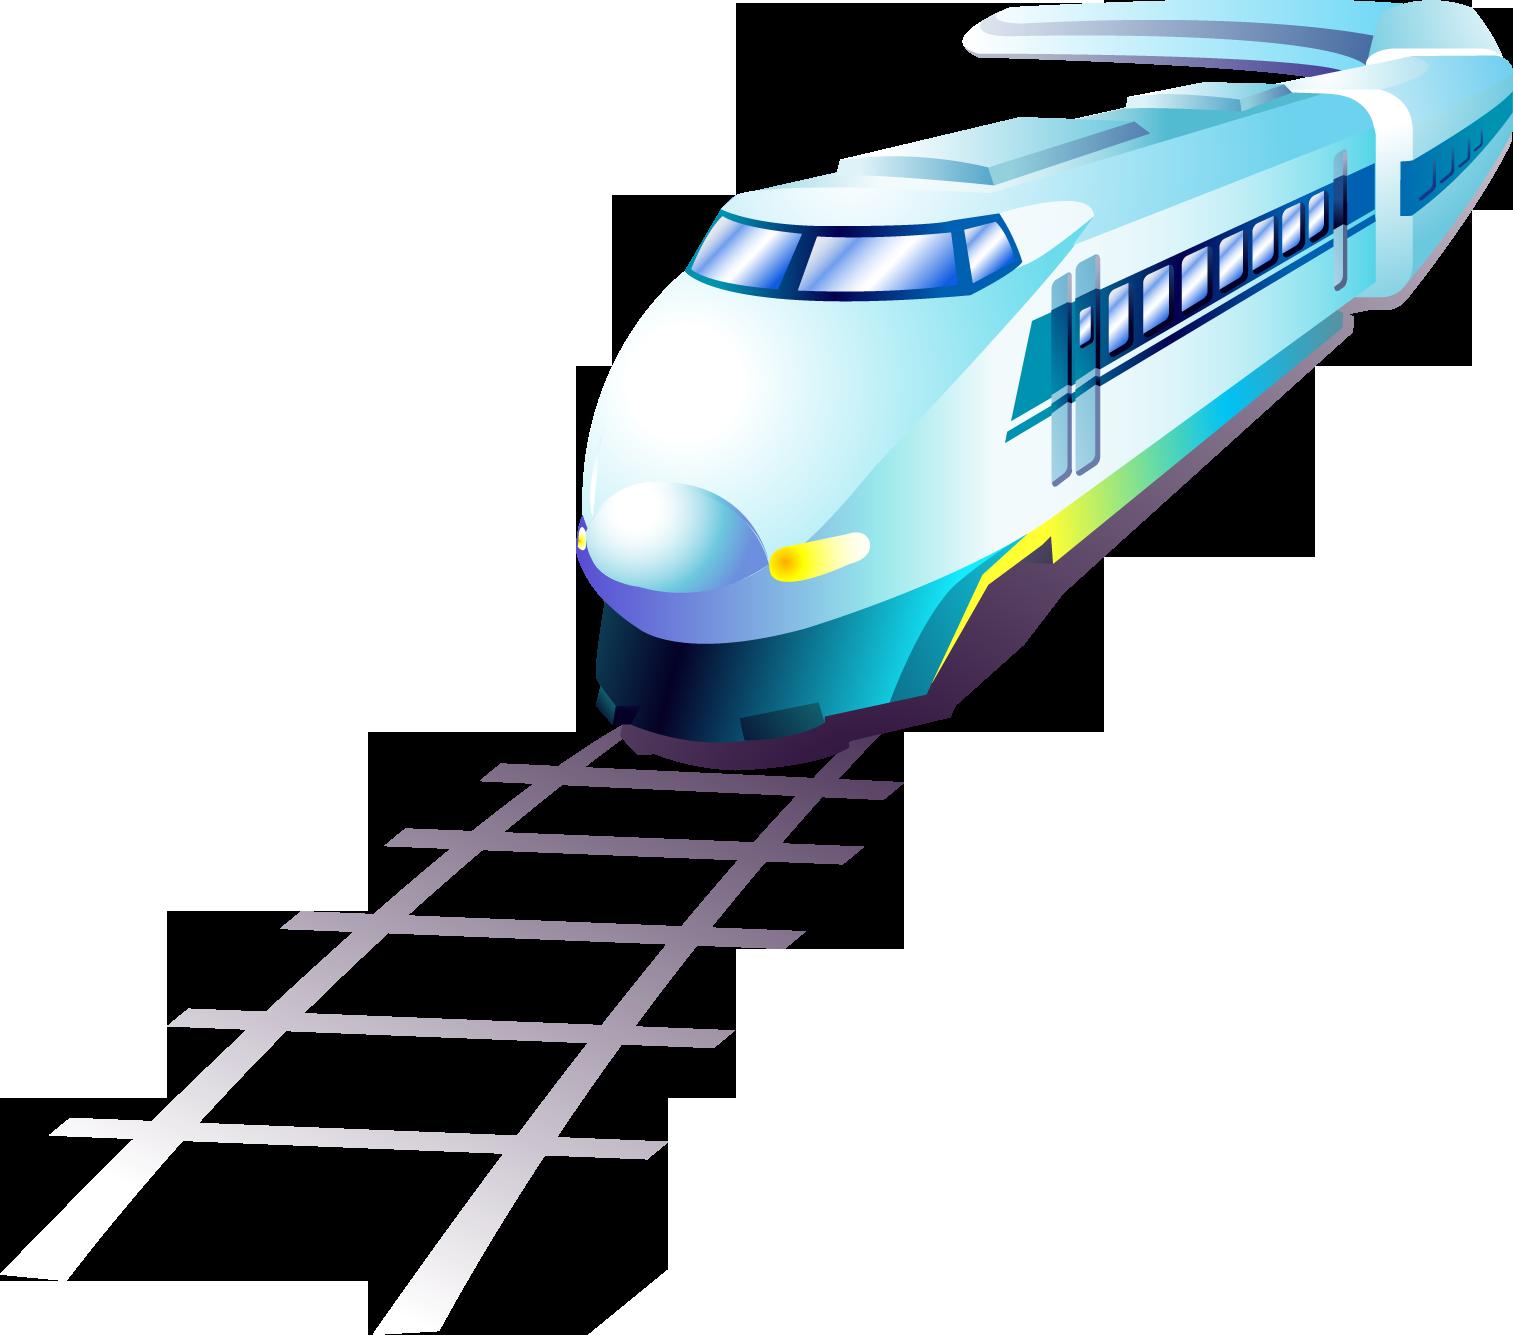 клипарт поезд: